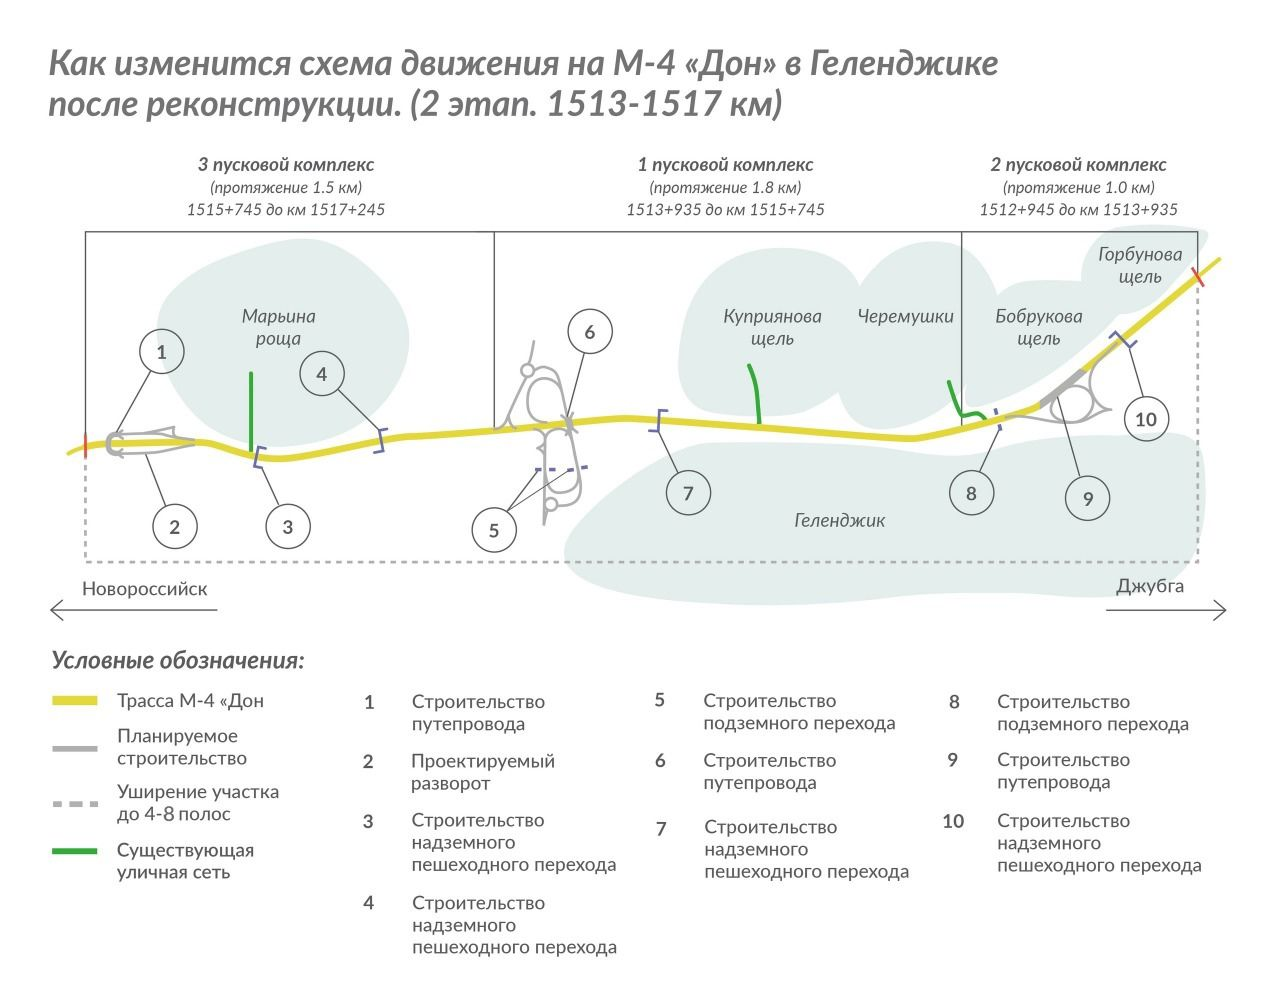 ©Графика из группы «Государственная компания «Автодор», vk.com/gkavtodor